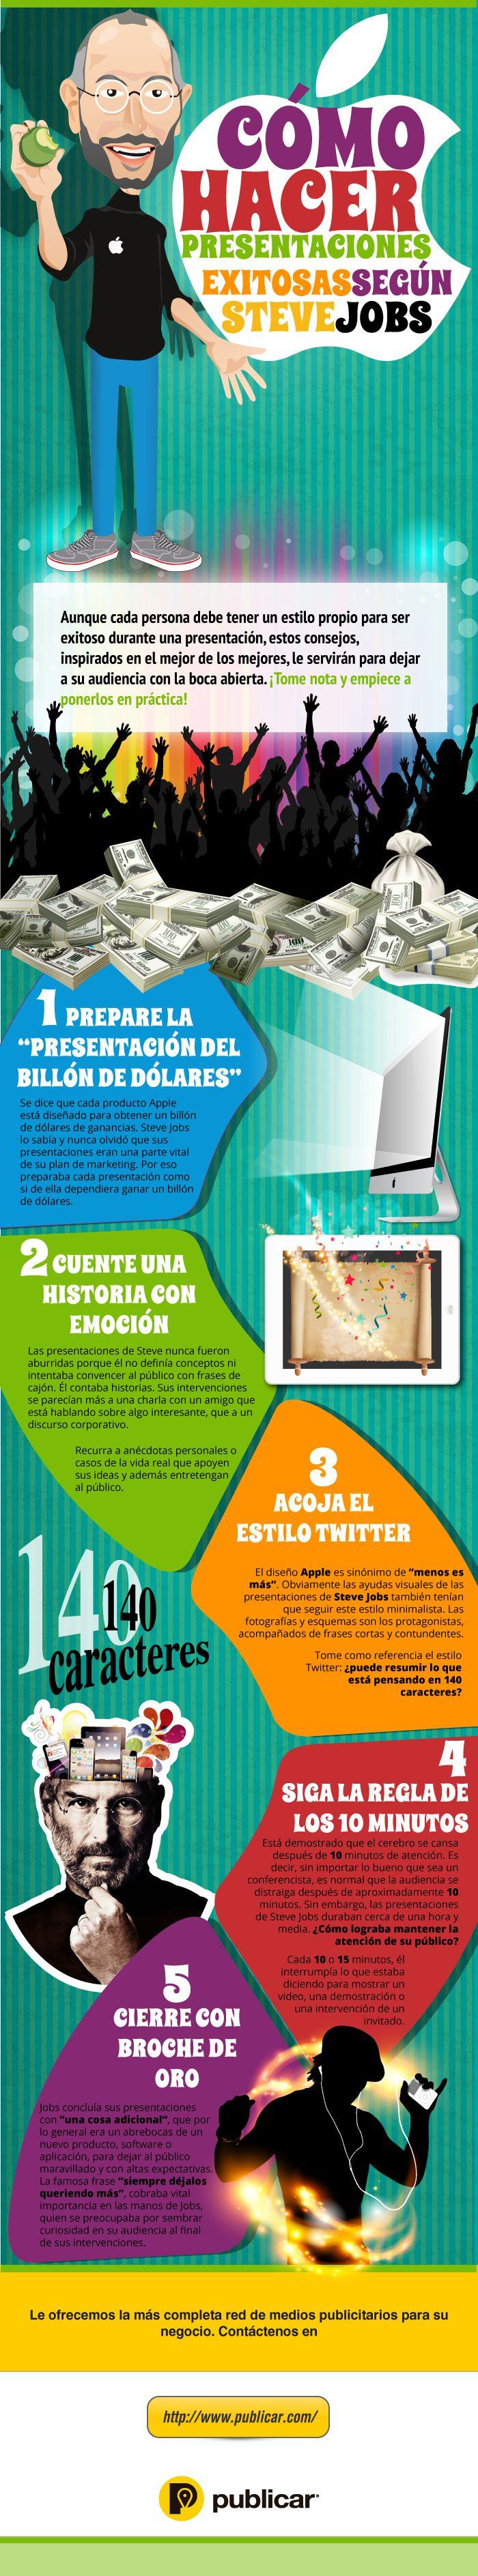 Infografía que nos muestra cómo hacer presentaciones exitosas según Steve Jobs.